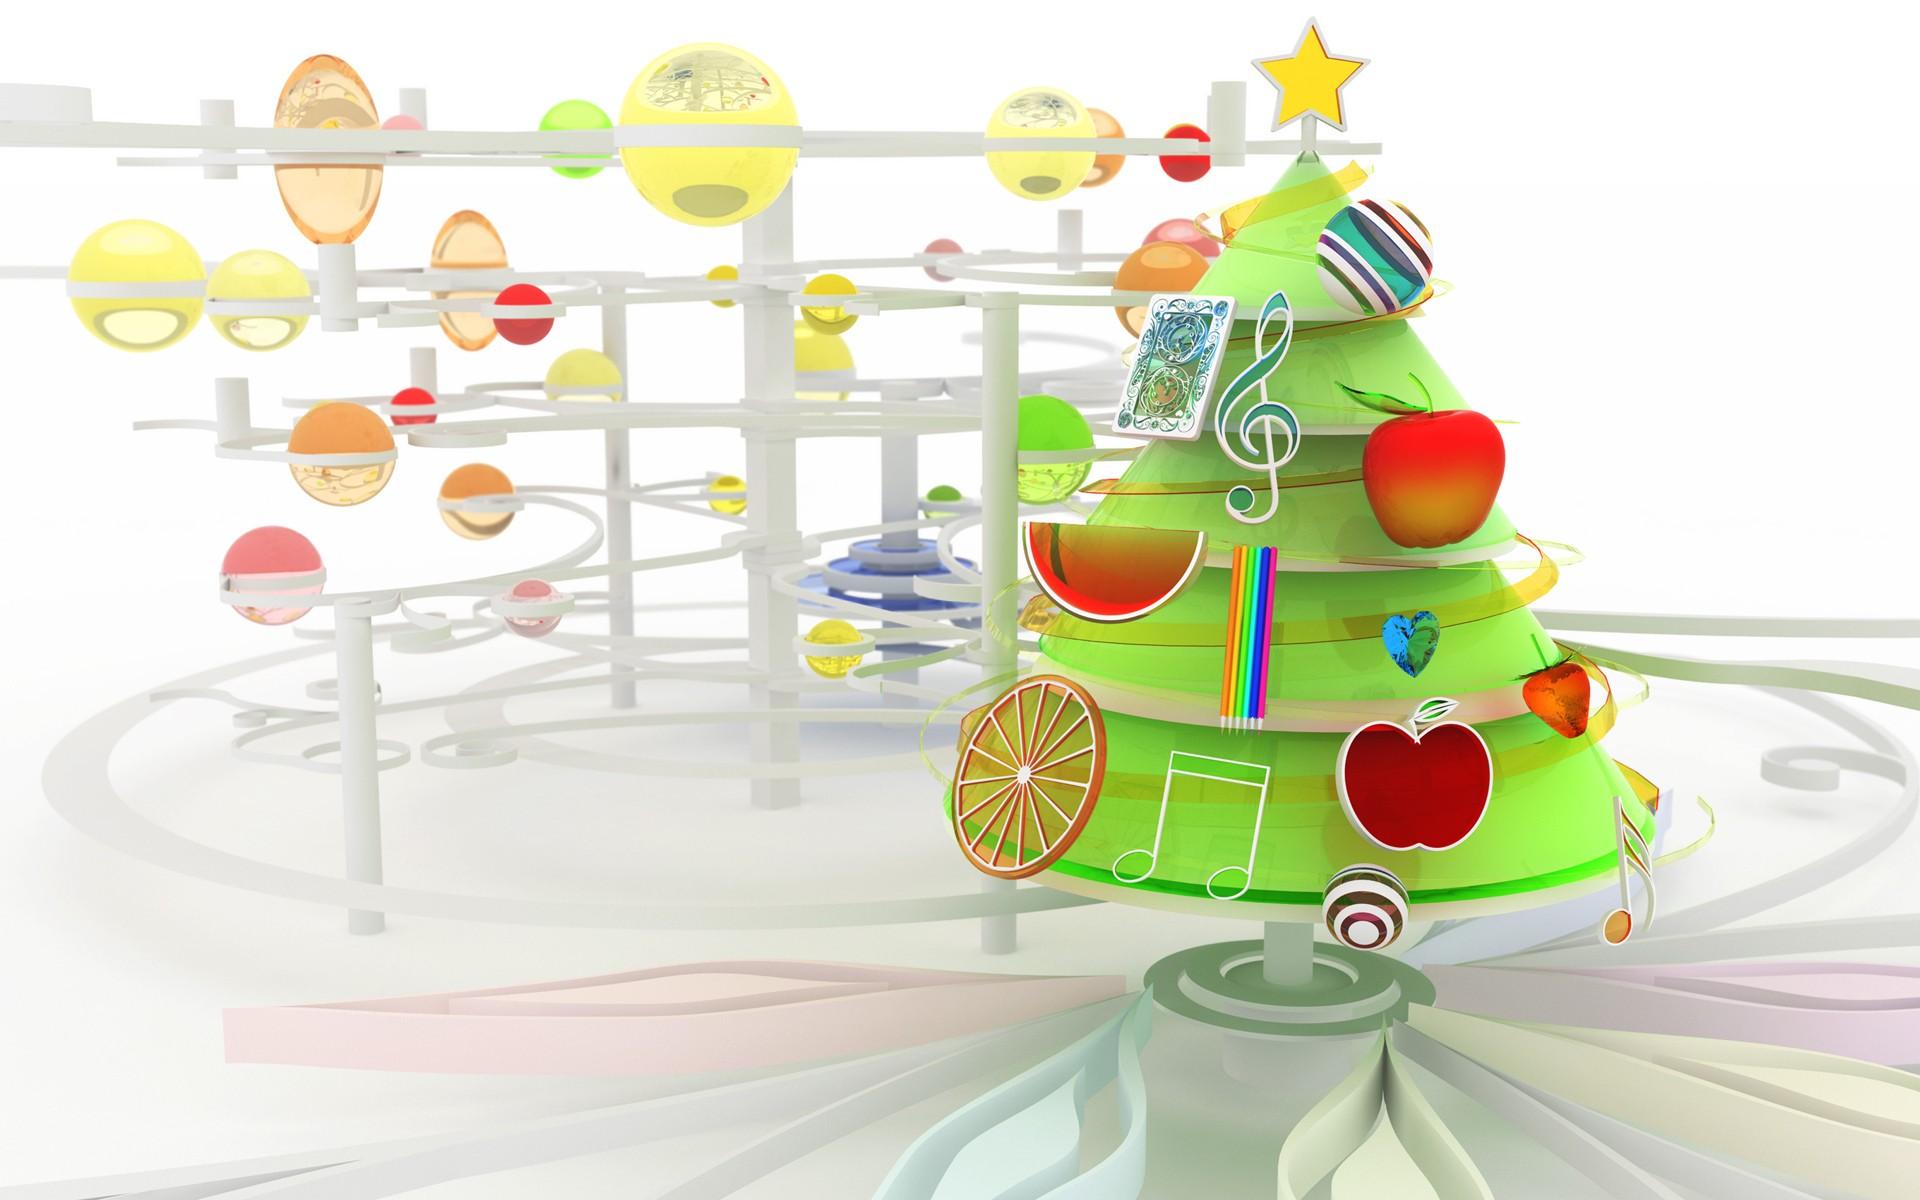 Arbol de navidad en 3D - 1920x1200